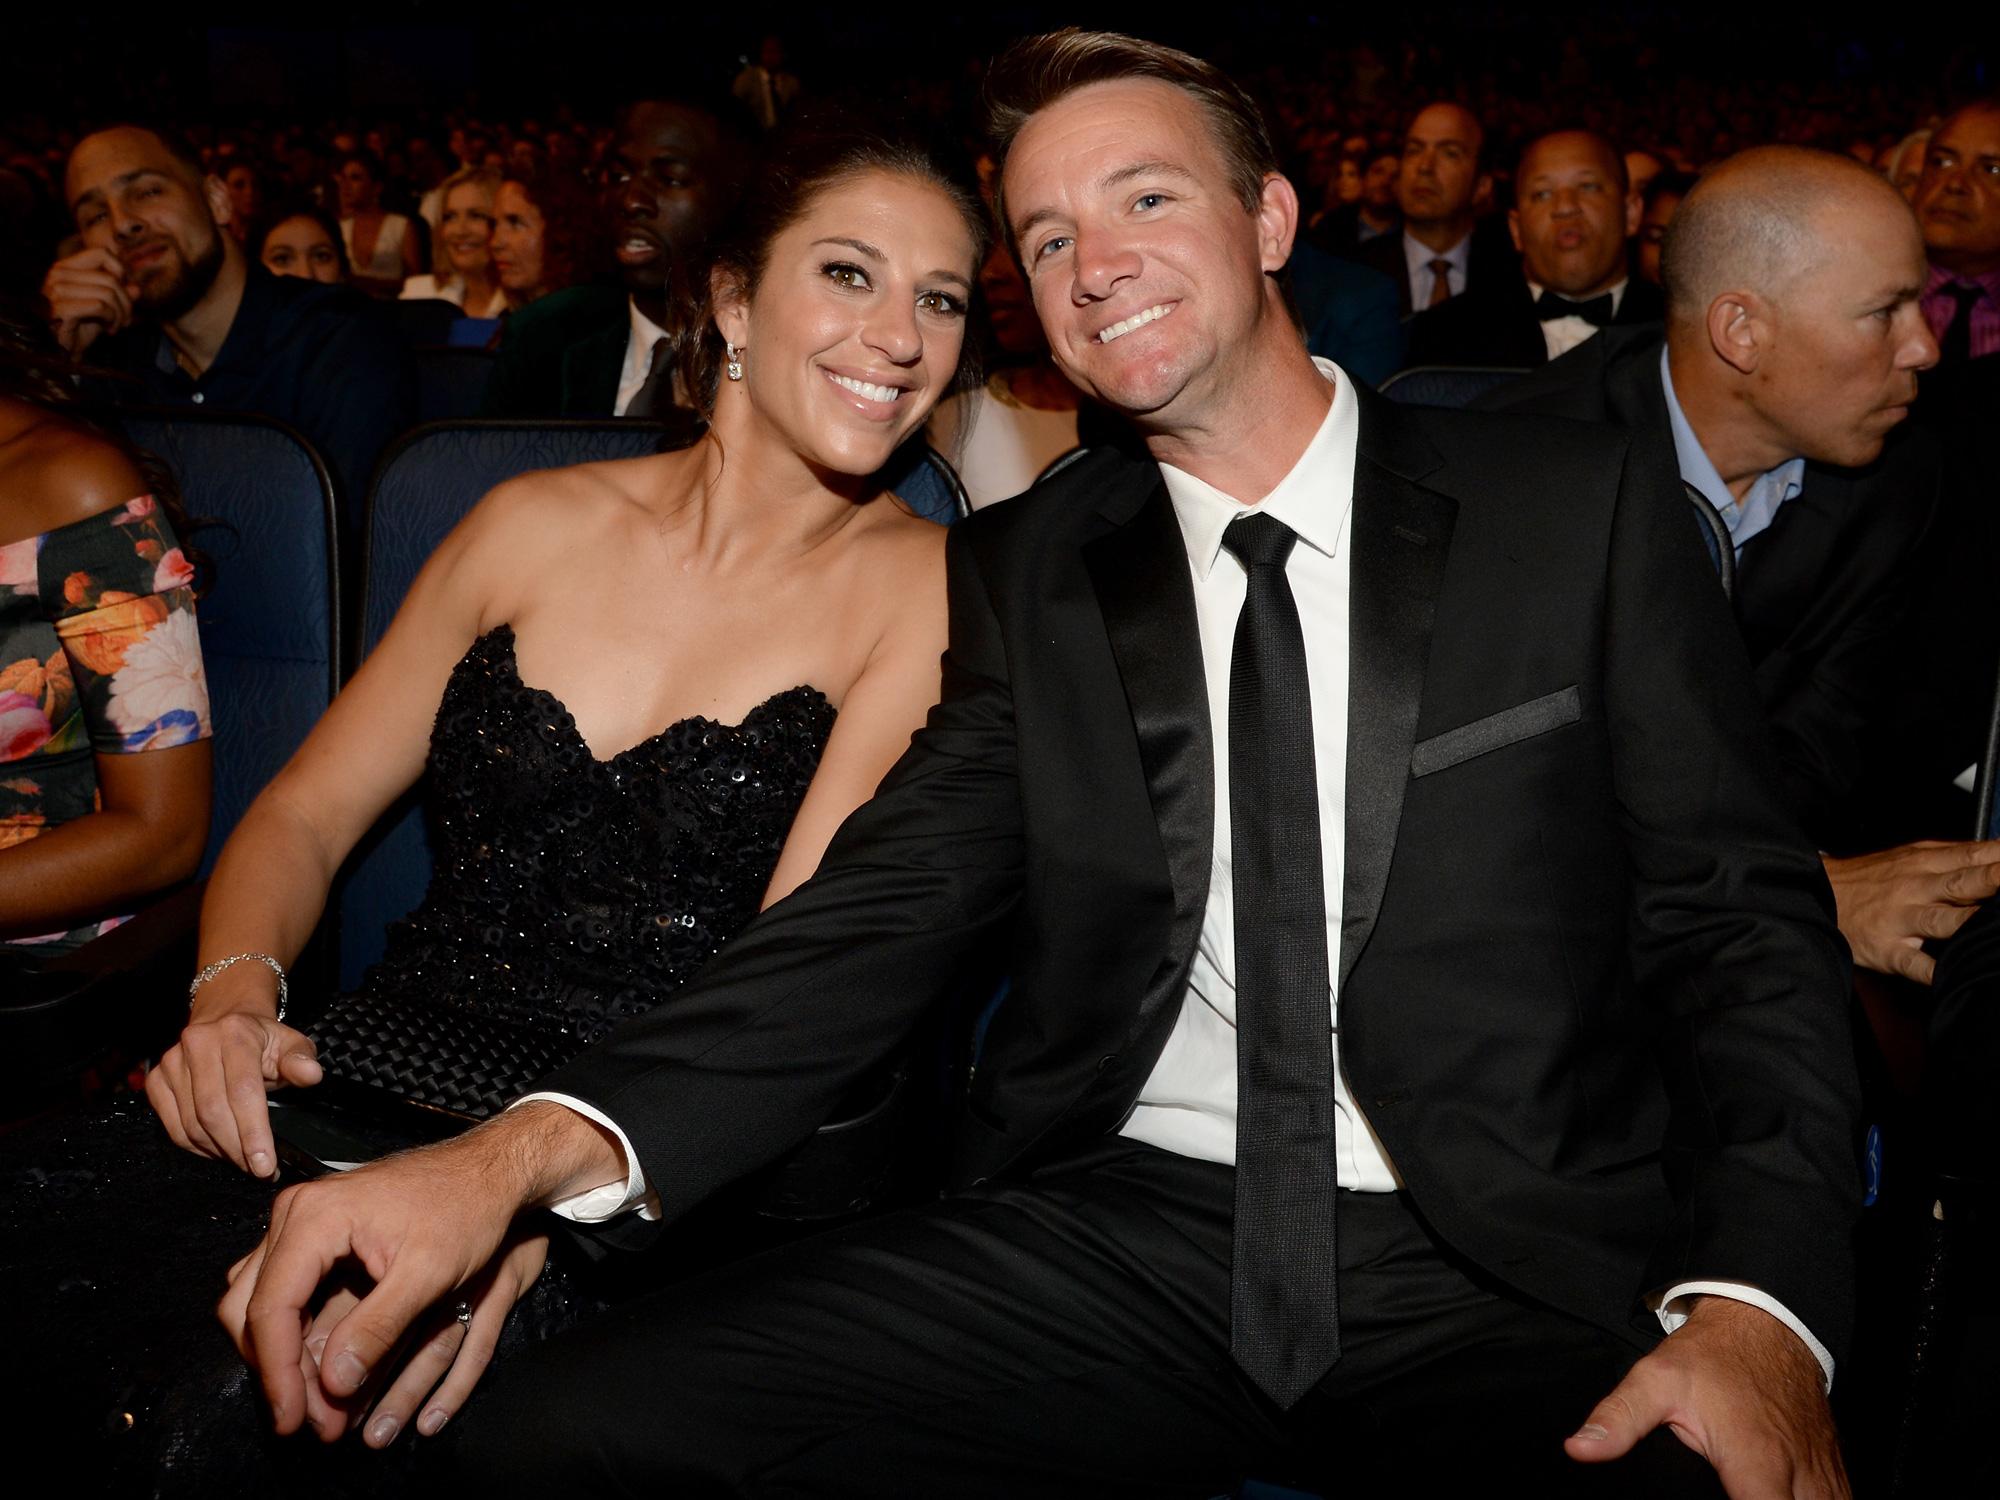 Carli Lloyd with her fiancee Brian Hollins